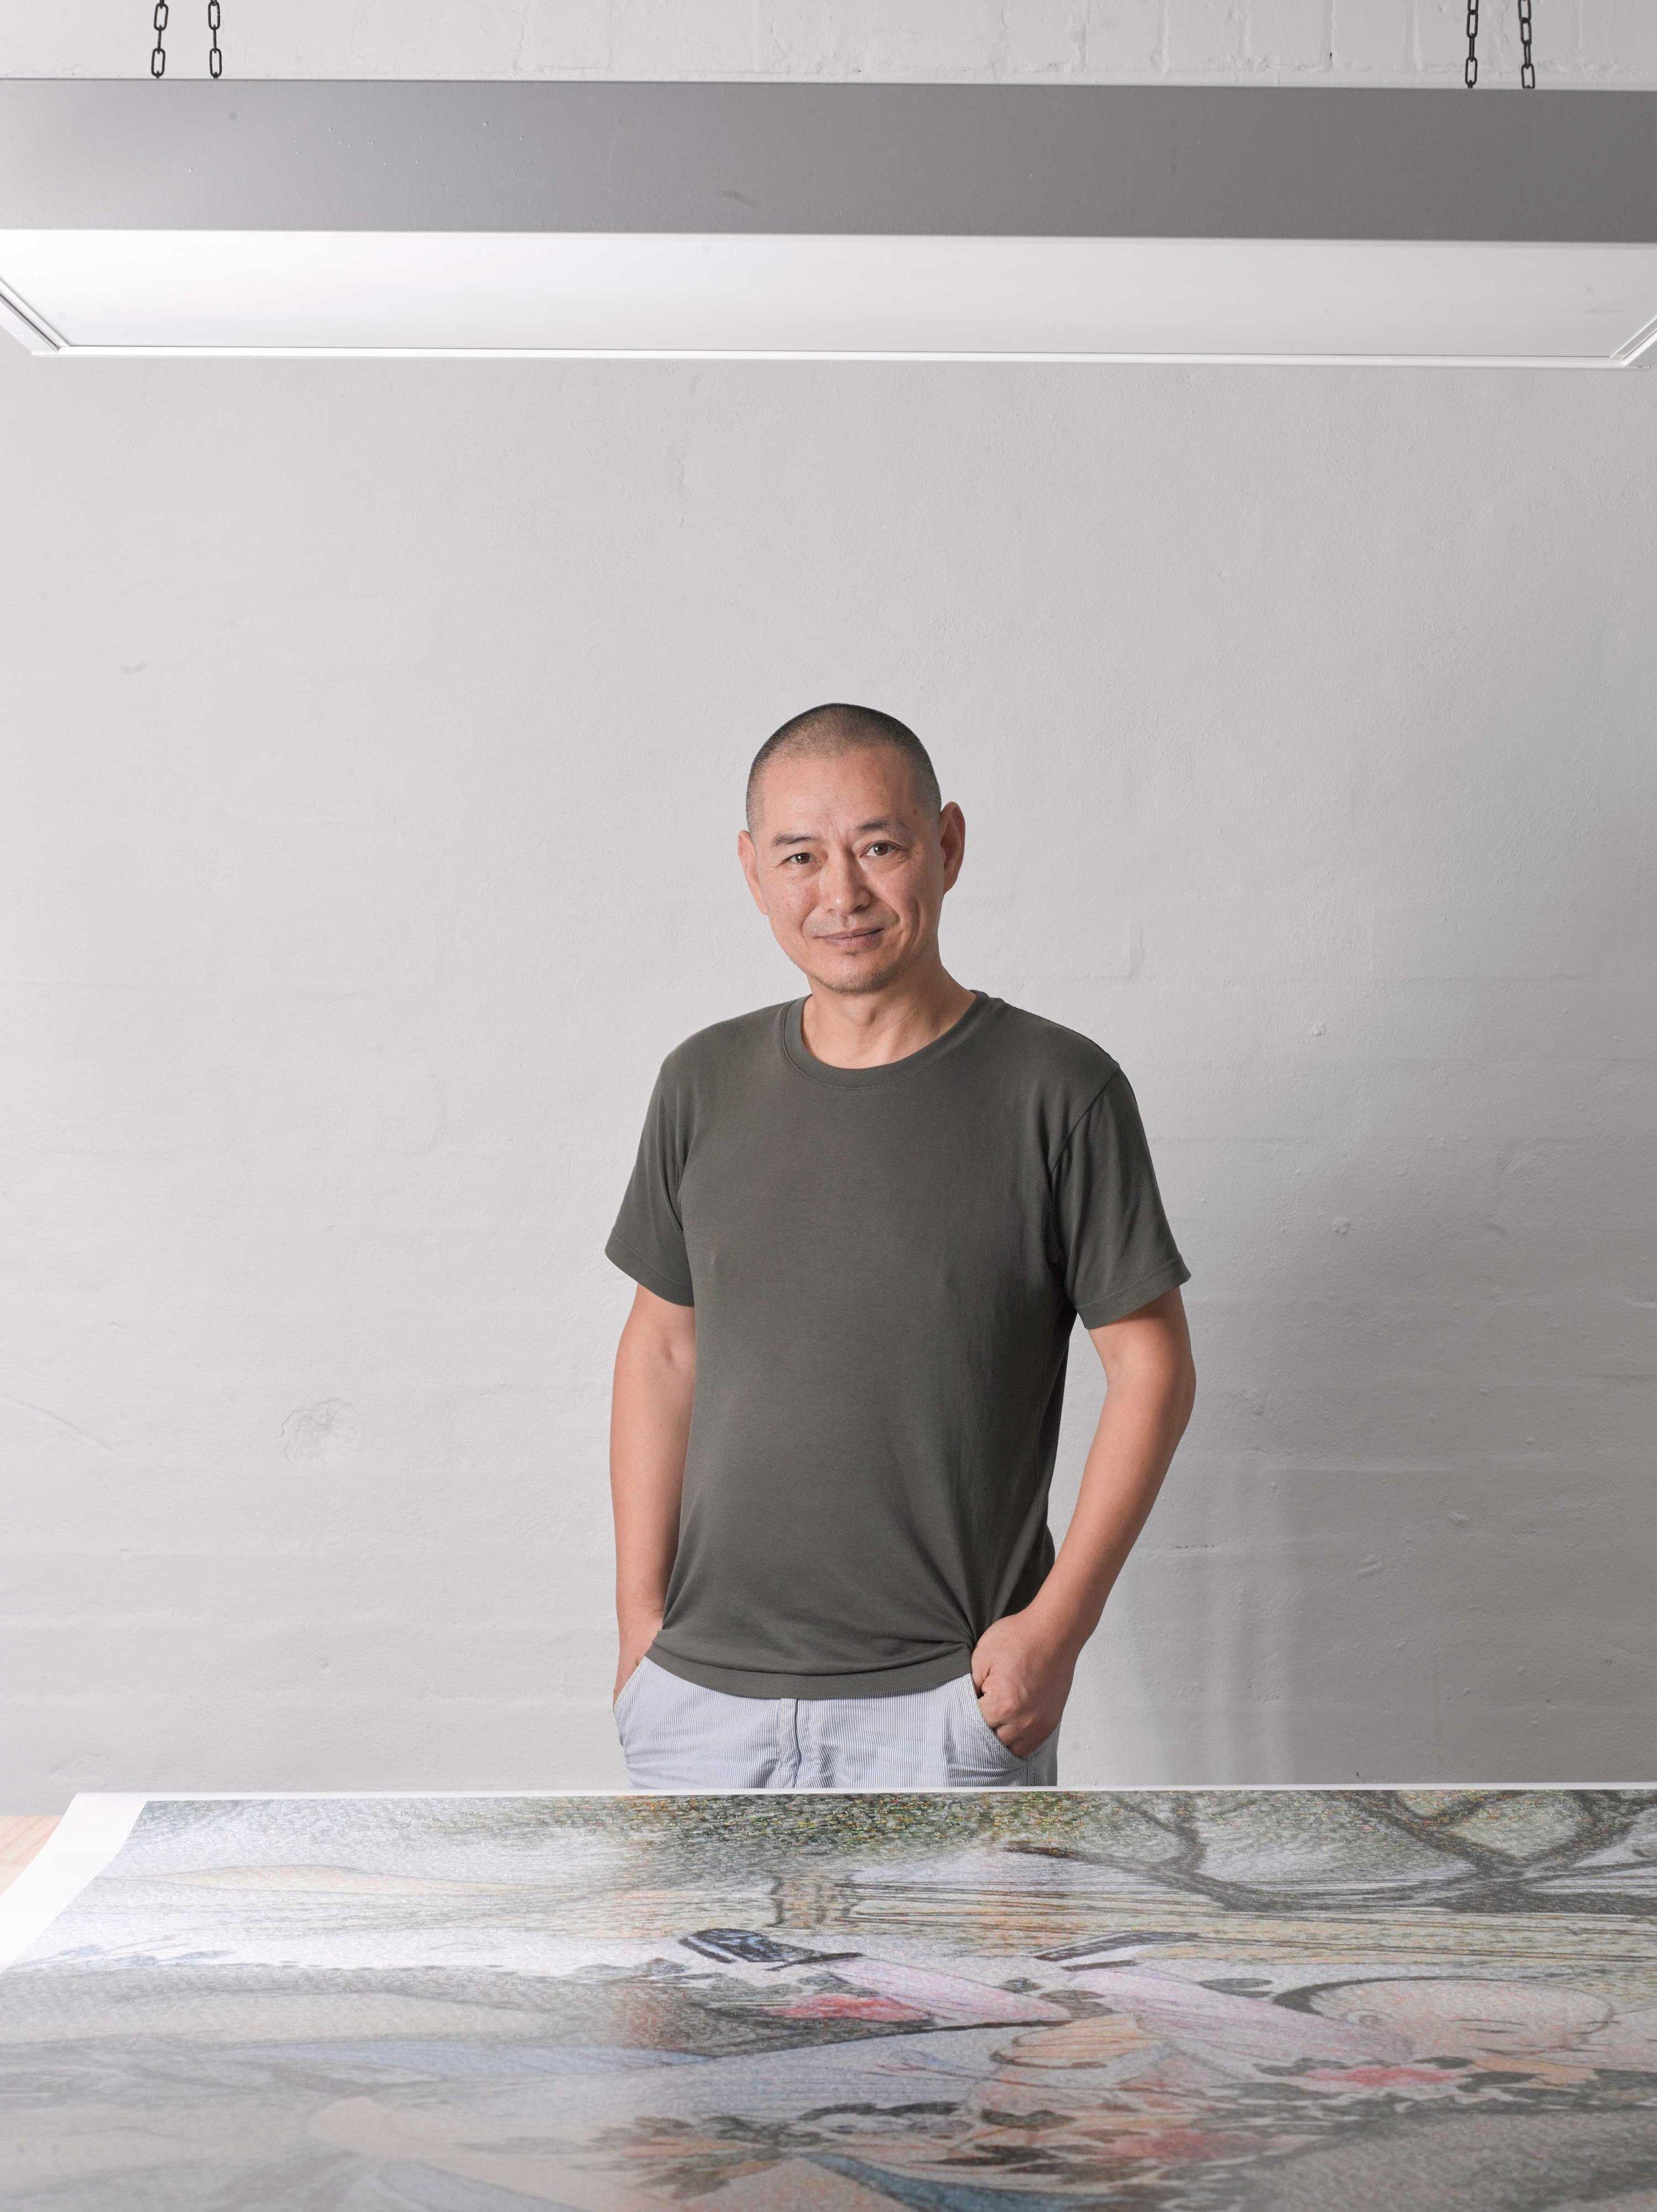 Guo Jian. Photo by Peter Diseris